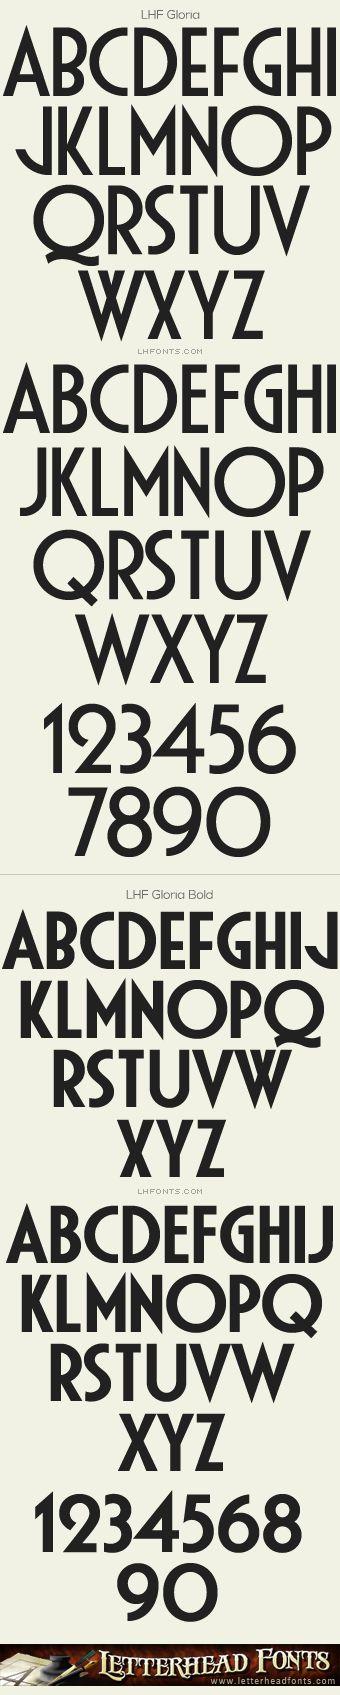 Letterhead Fonts / LHF Gloria font set / Art Deco Fonts